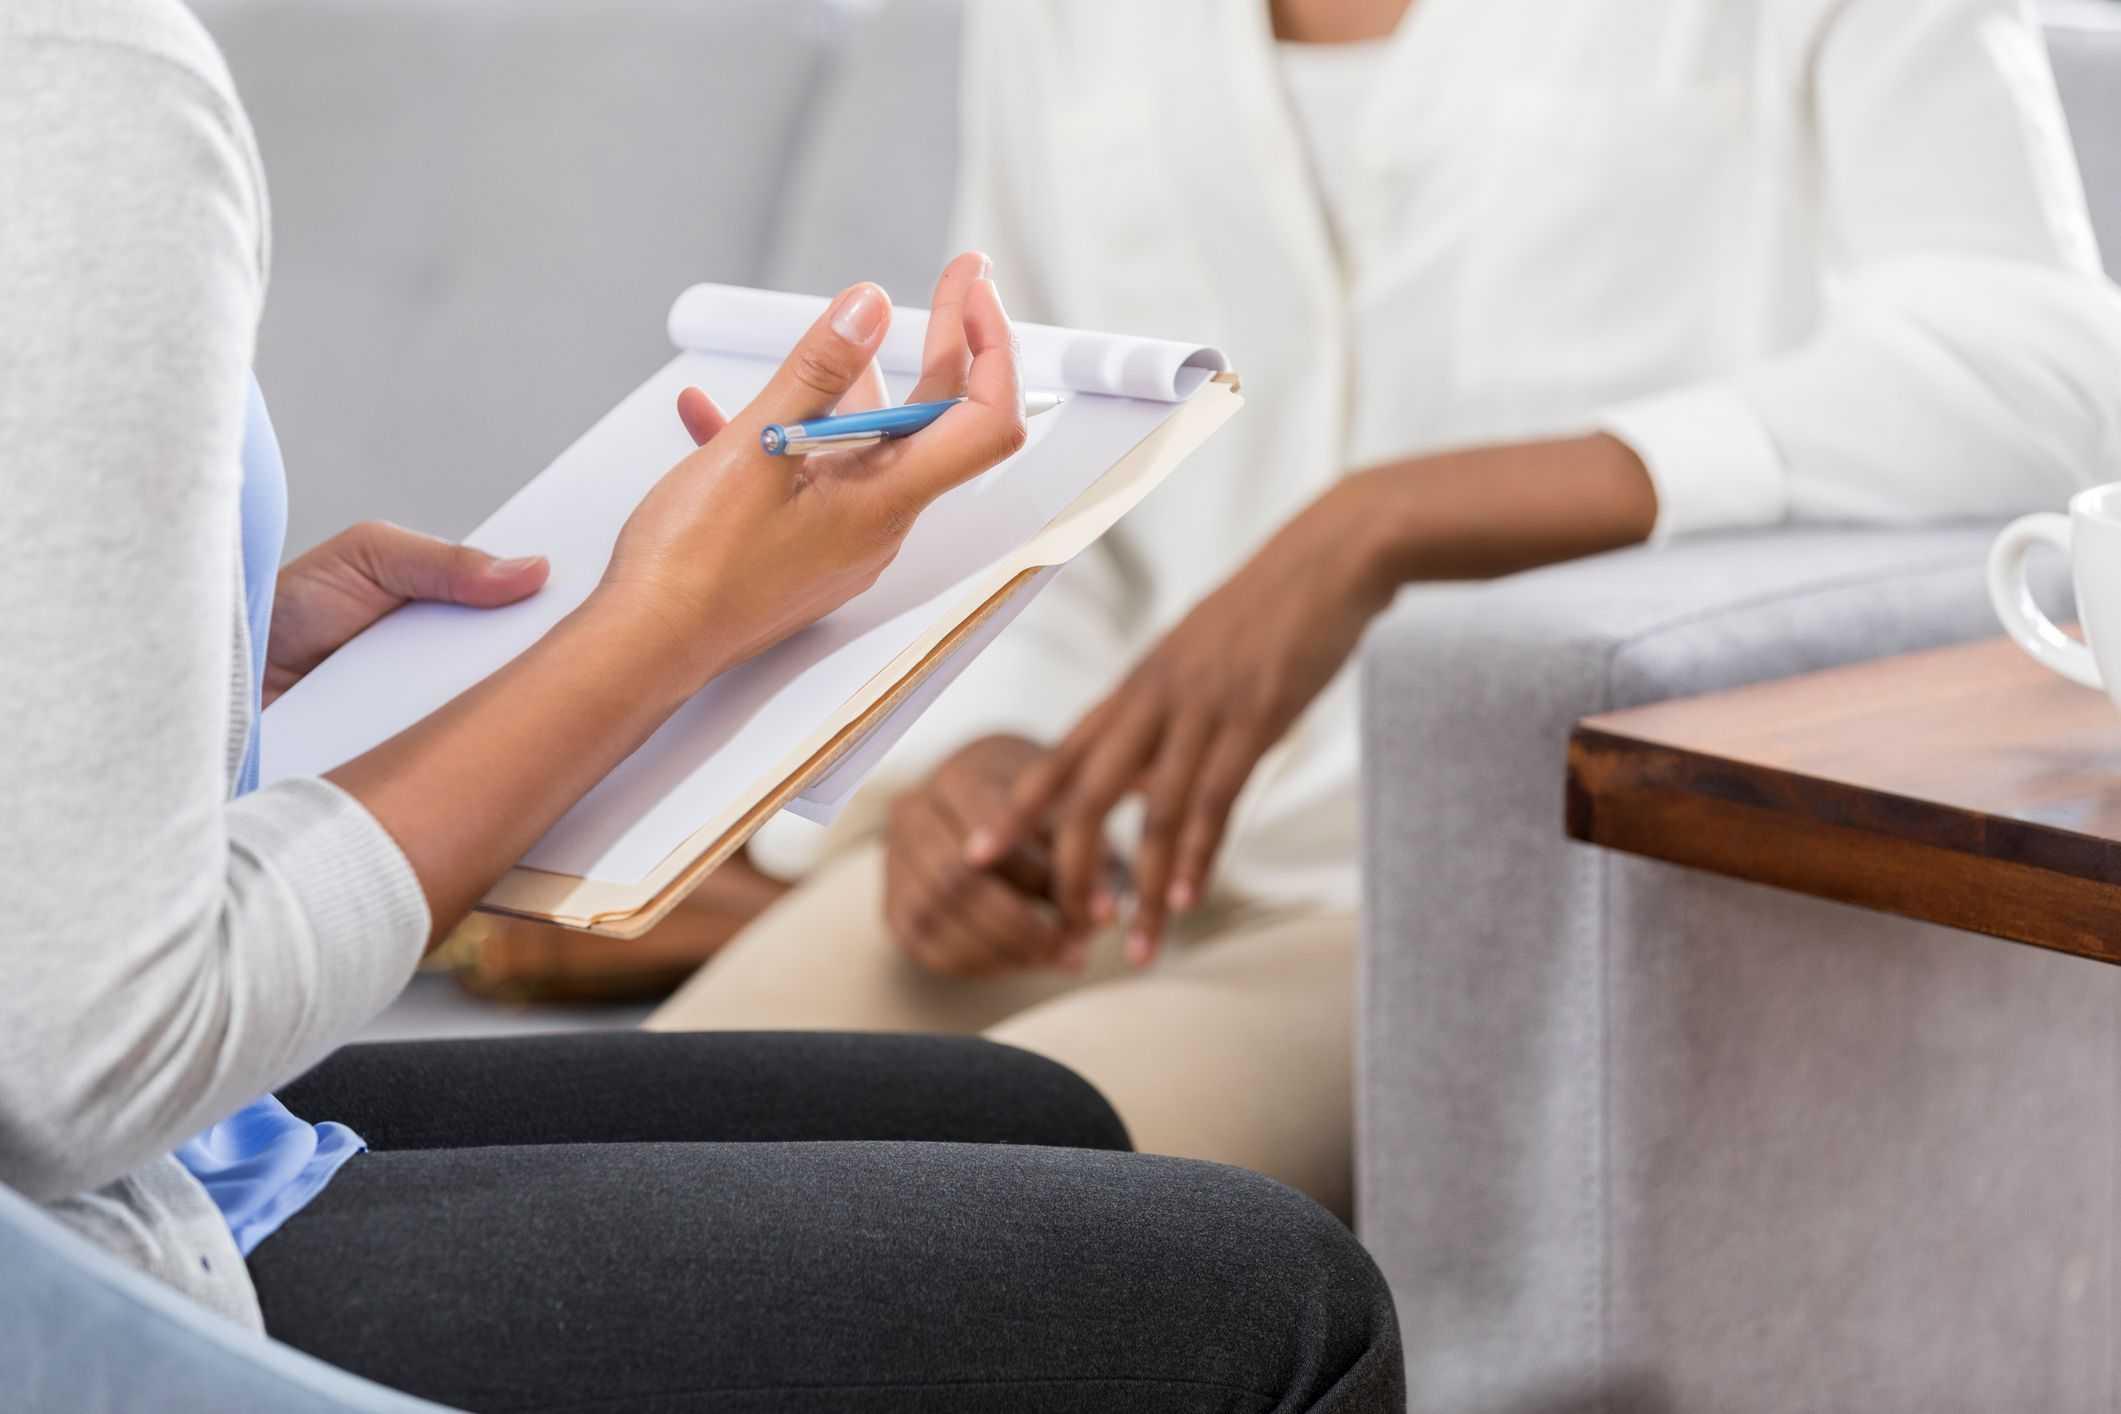 Hãy tìm đến sự hỗ trợ từ các bác sĩ tâm lý nếu bạn cảm thấy mình mắc phải các vấn đề về sức khỏe tinh thần